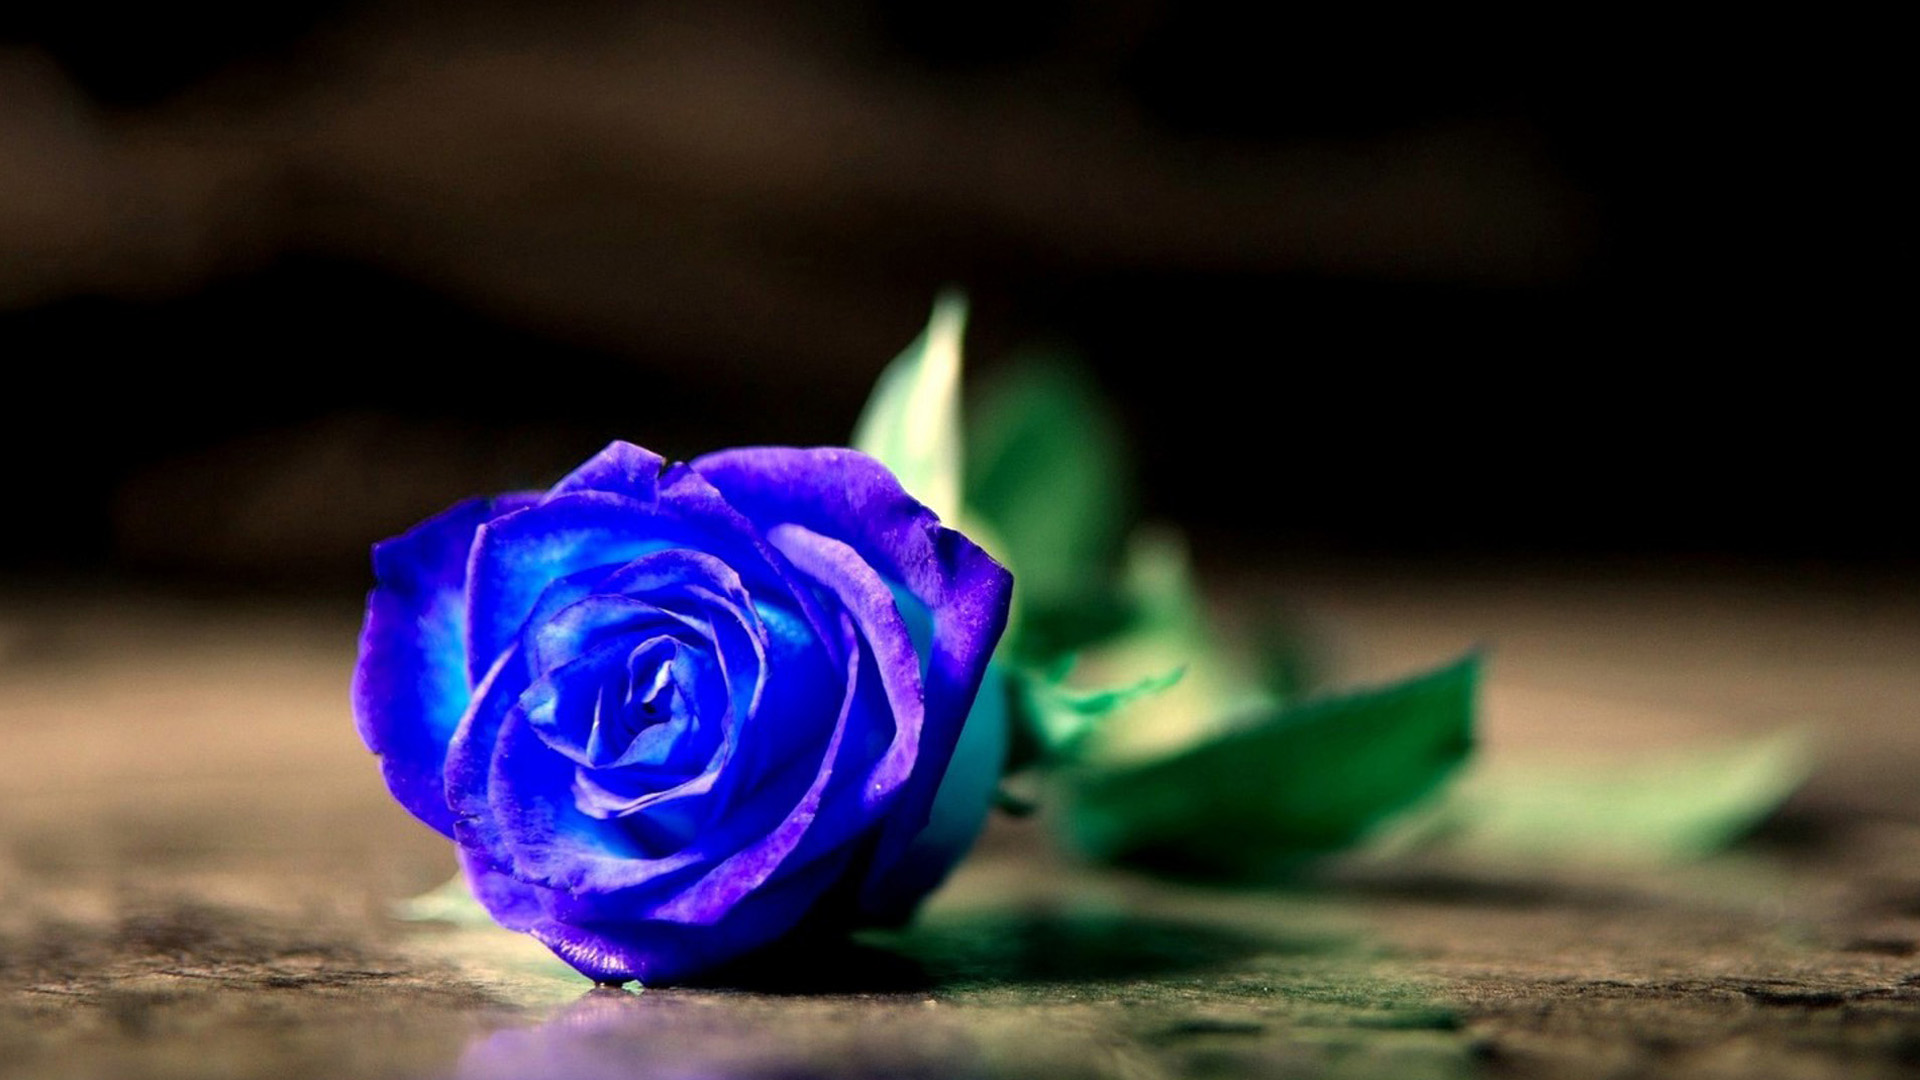 Những bông hồng xanh luôn mang vẻ đẹp huyền bí